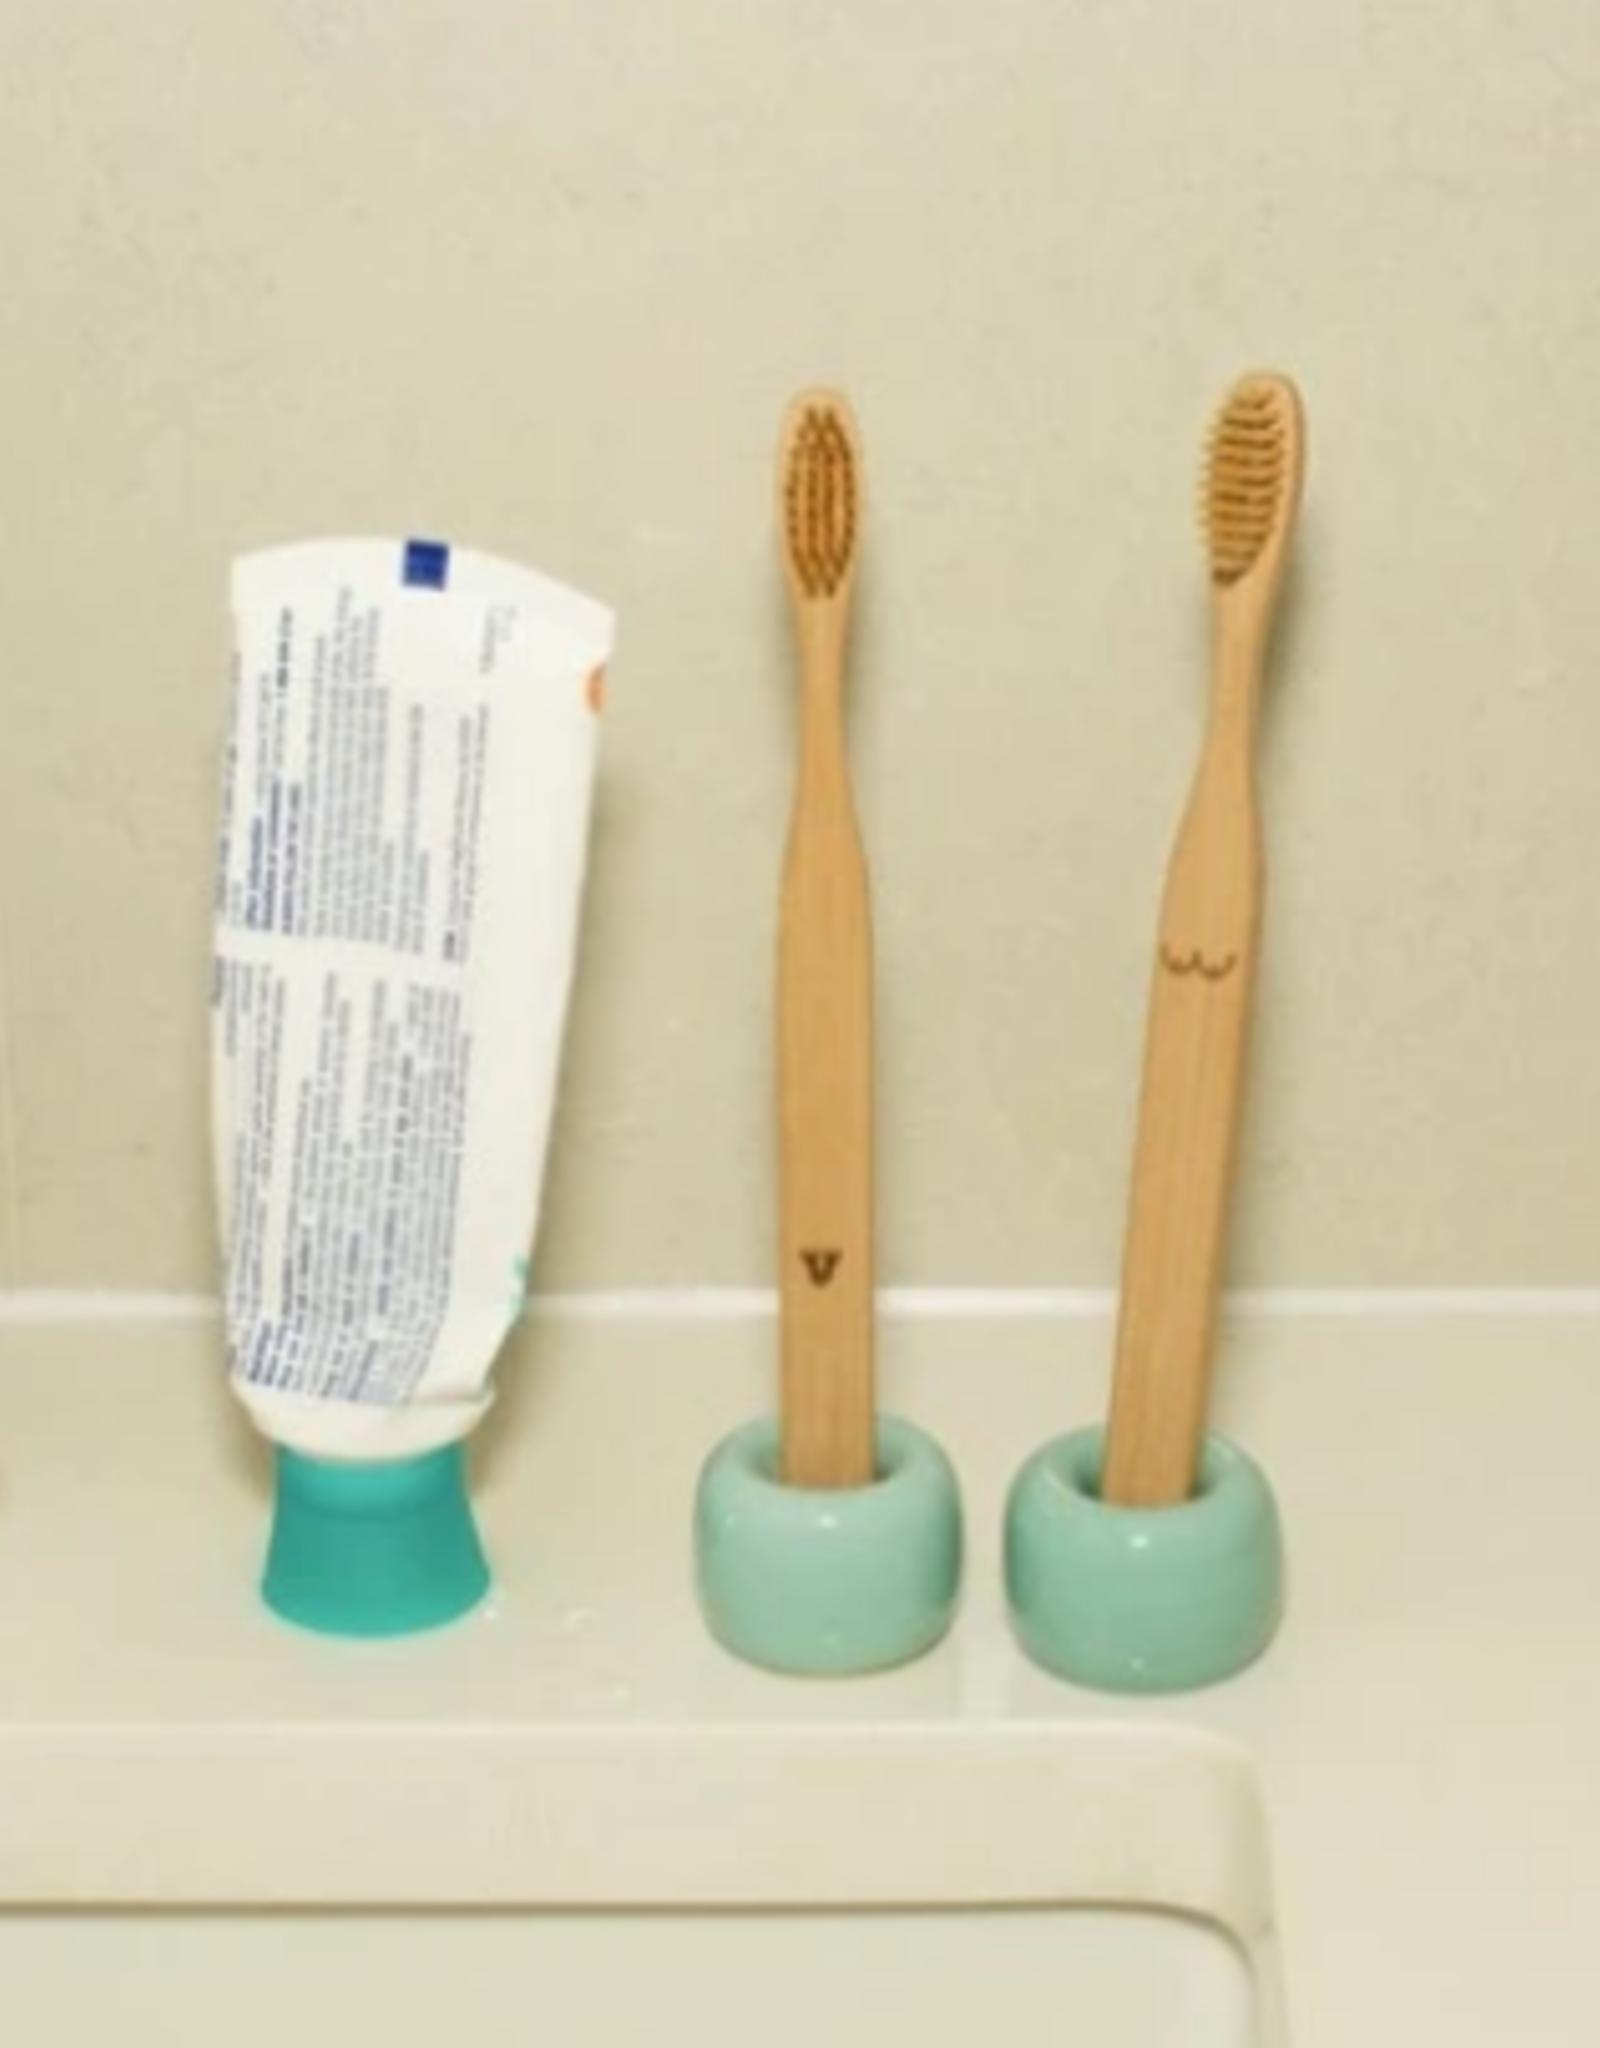 Kikkerland Nudie bamboo toothbrush set